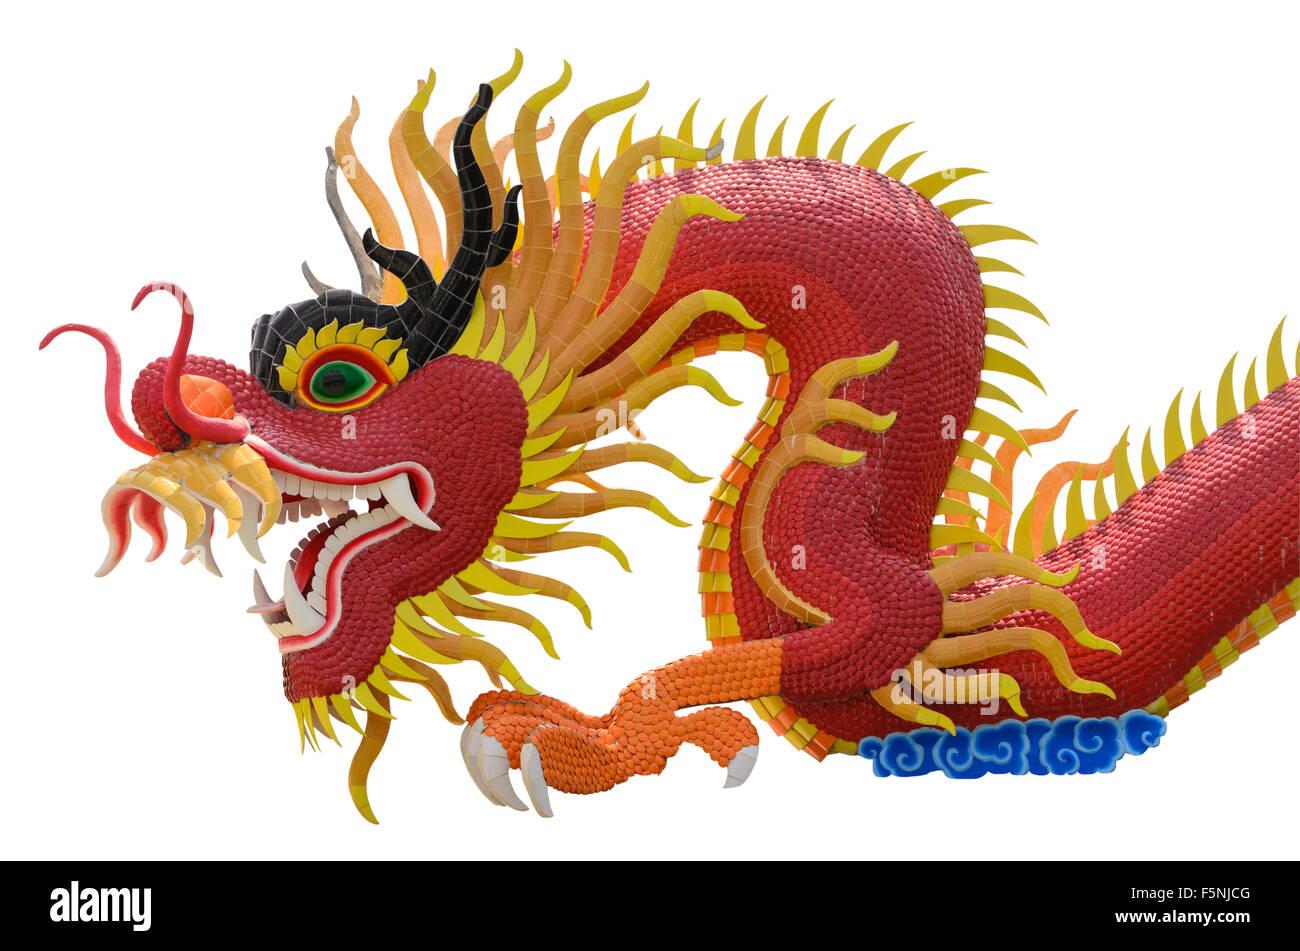 Imagen de dragón chino sobre fondos blancos. Imagen De Stock